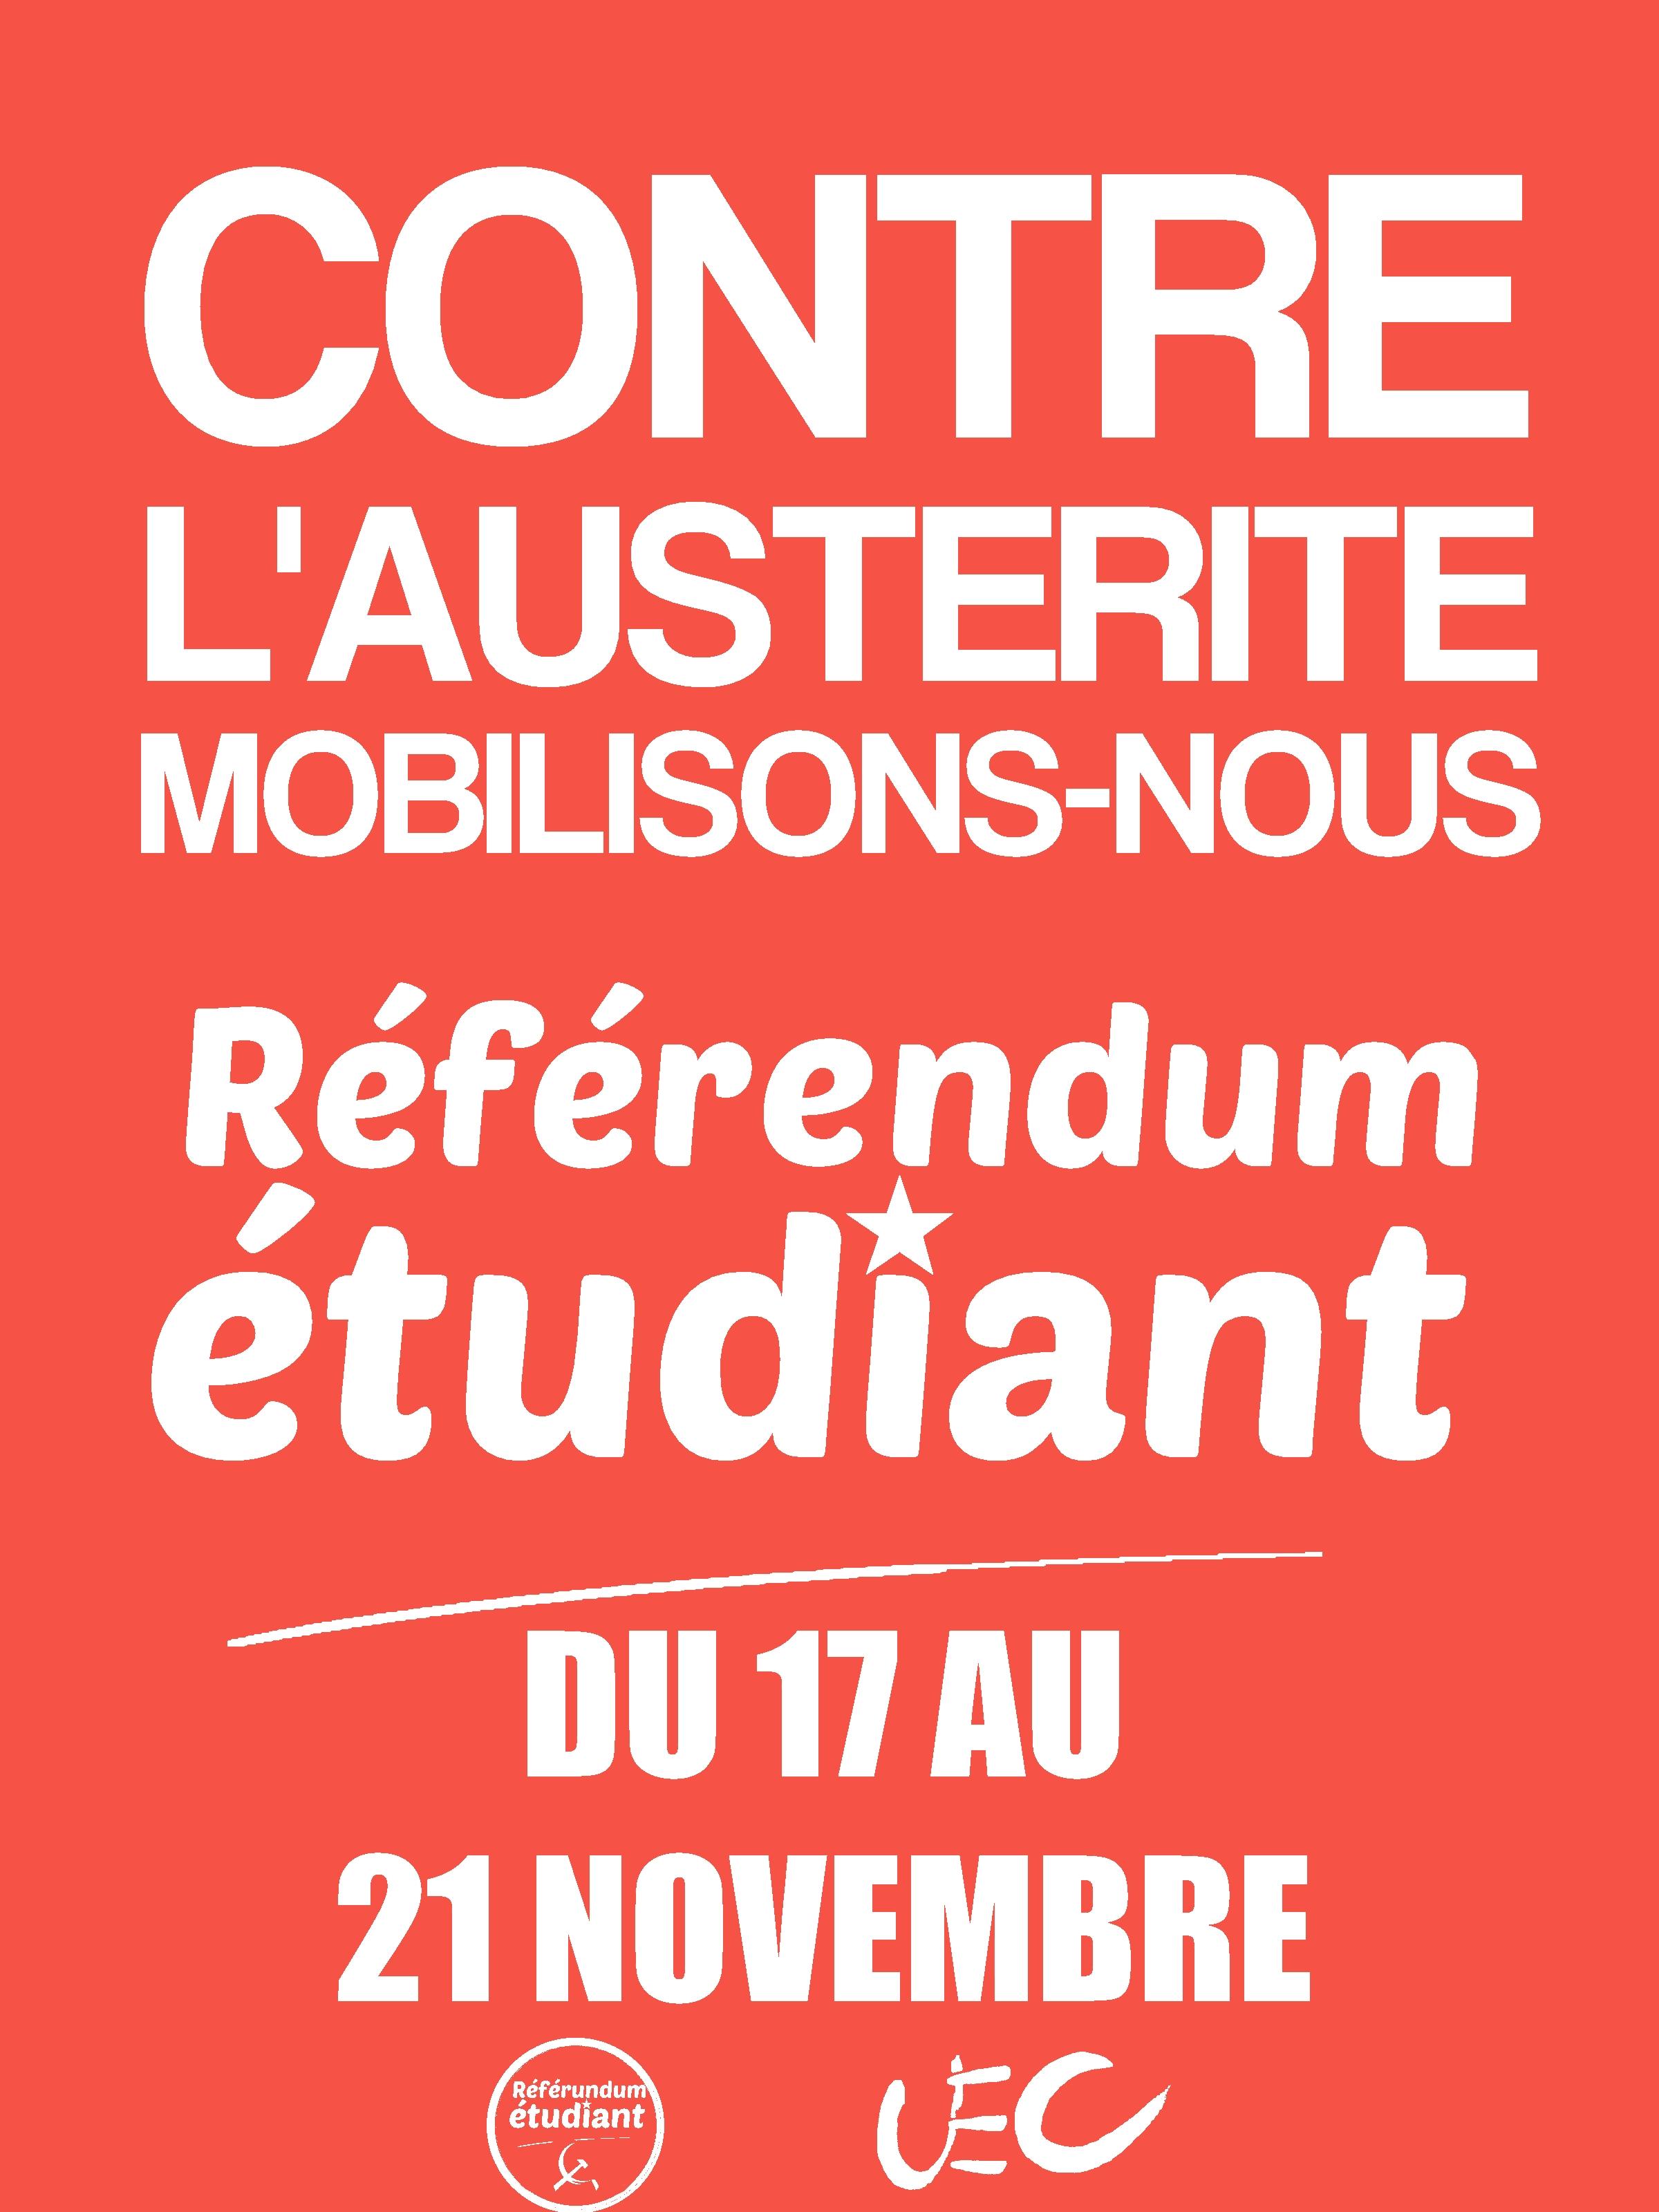 Le référendum étudiant: Une réponse aux besoins et aux exigences des étudiants